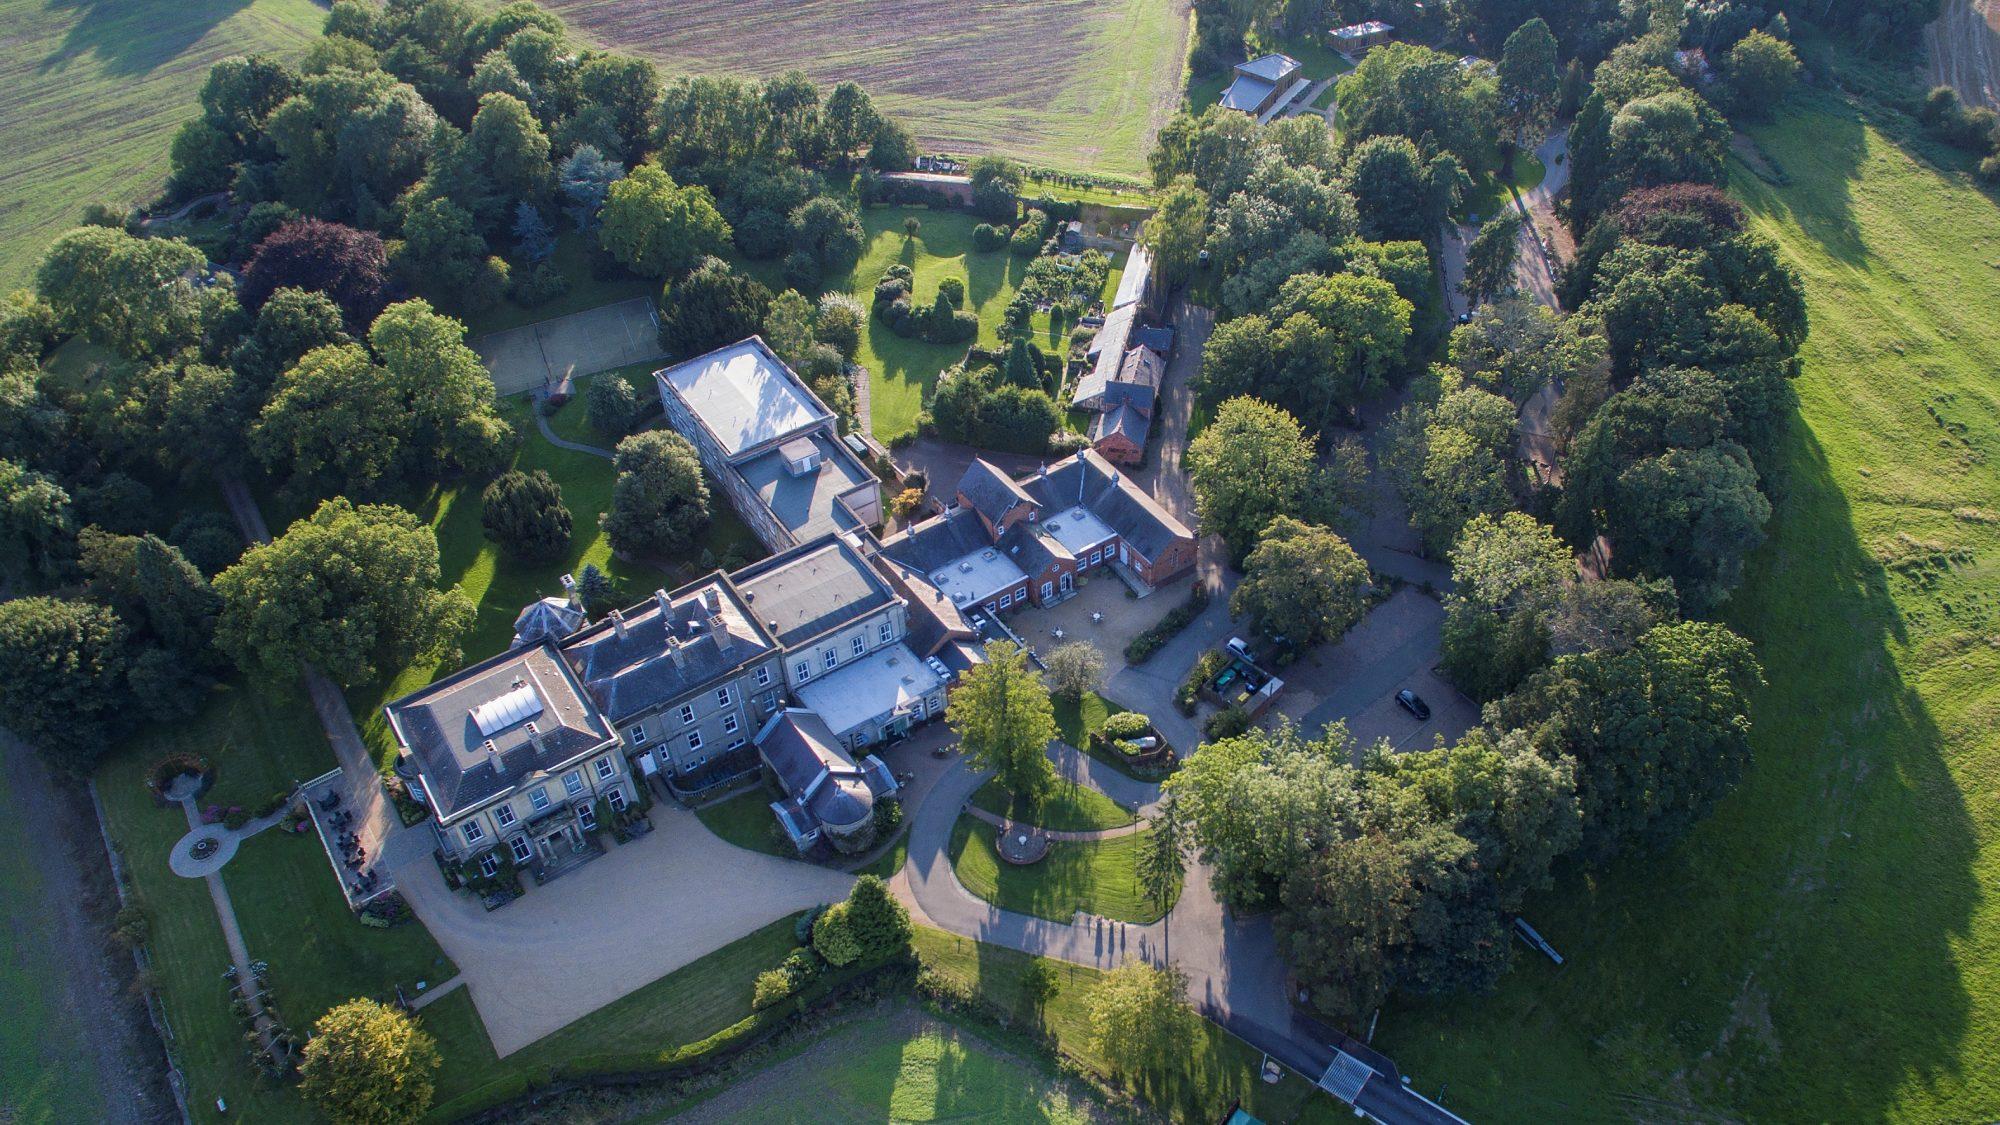 Aerial view of Hothorpe Venues